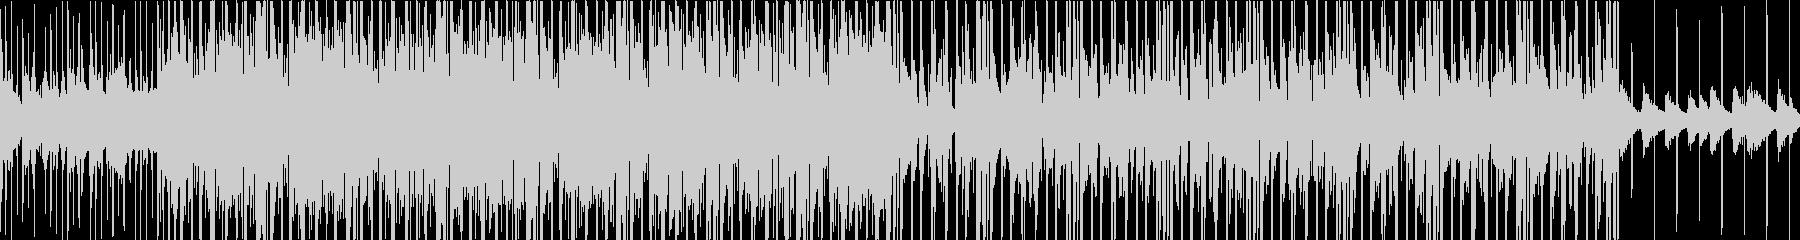 ピアノとシンセのJazz_BGMの未再生の波形